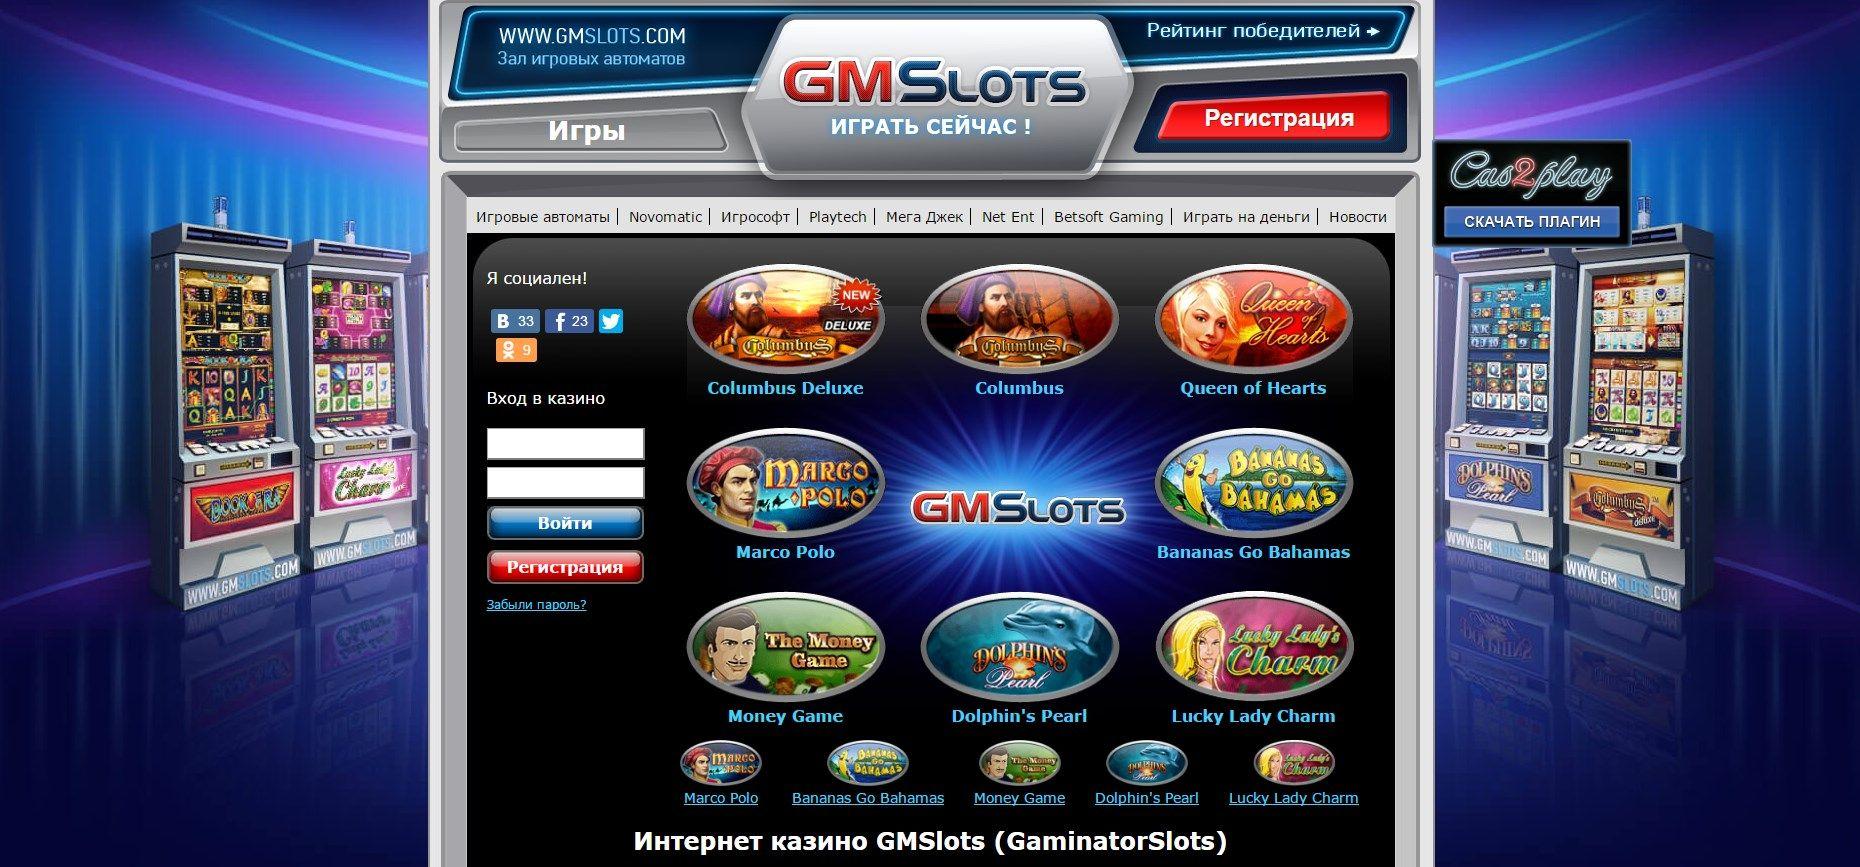 Gm slot игровые автоматы игроть бесплатно в игровыеавтоматы